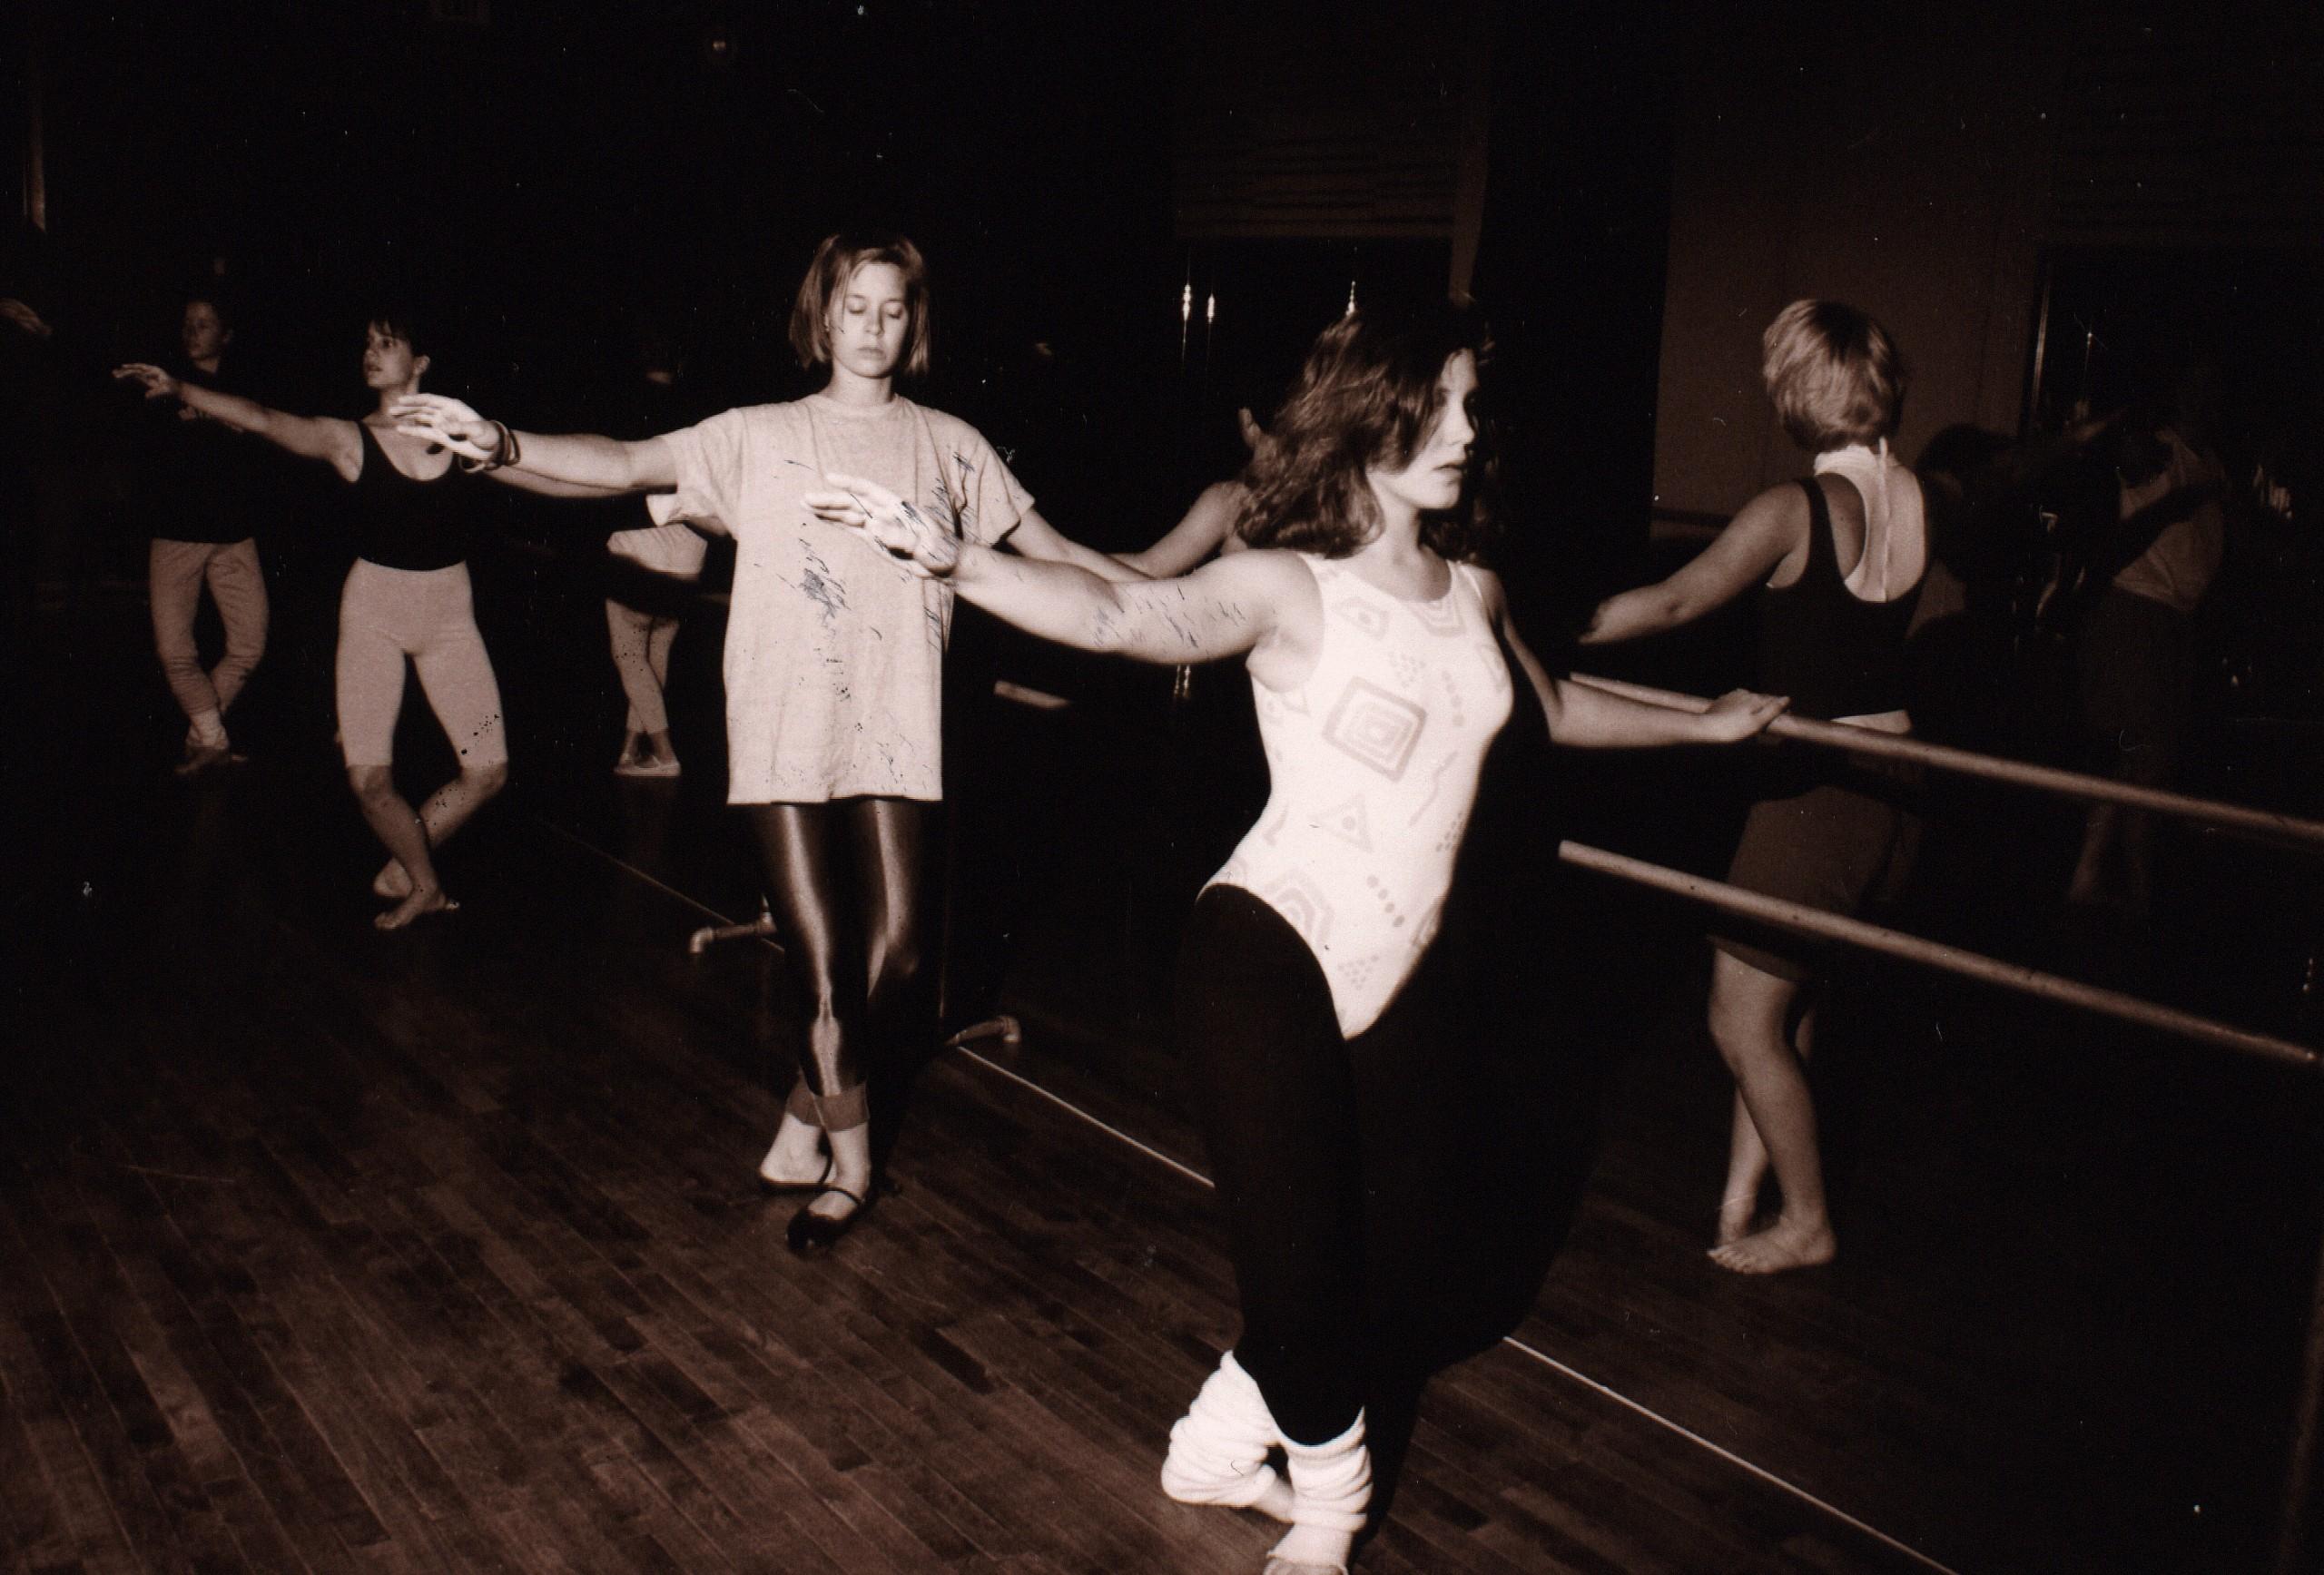 balletclass_4barre600